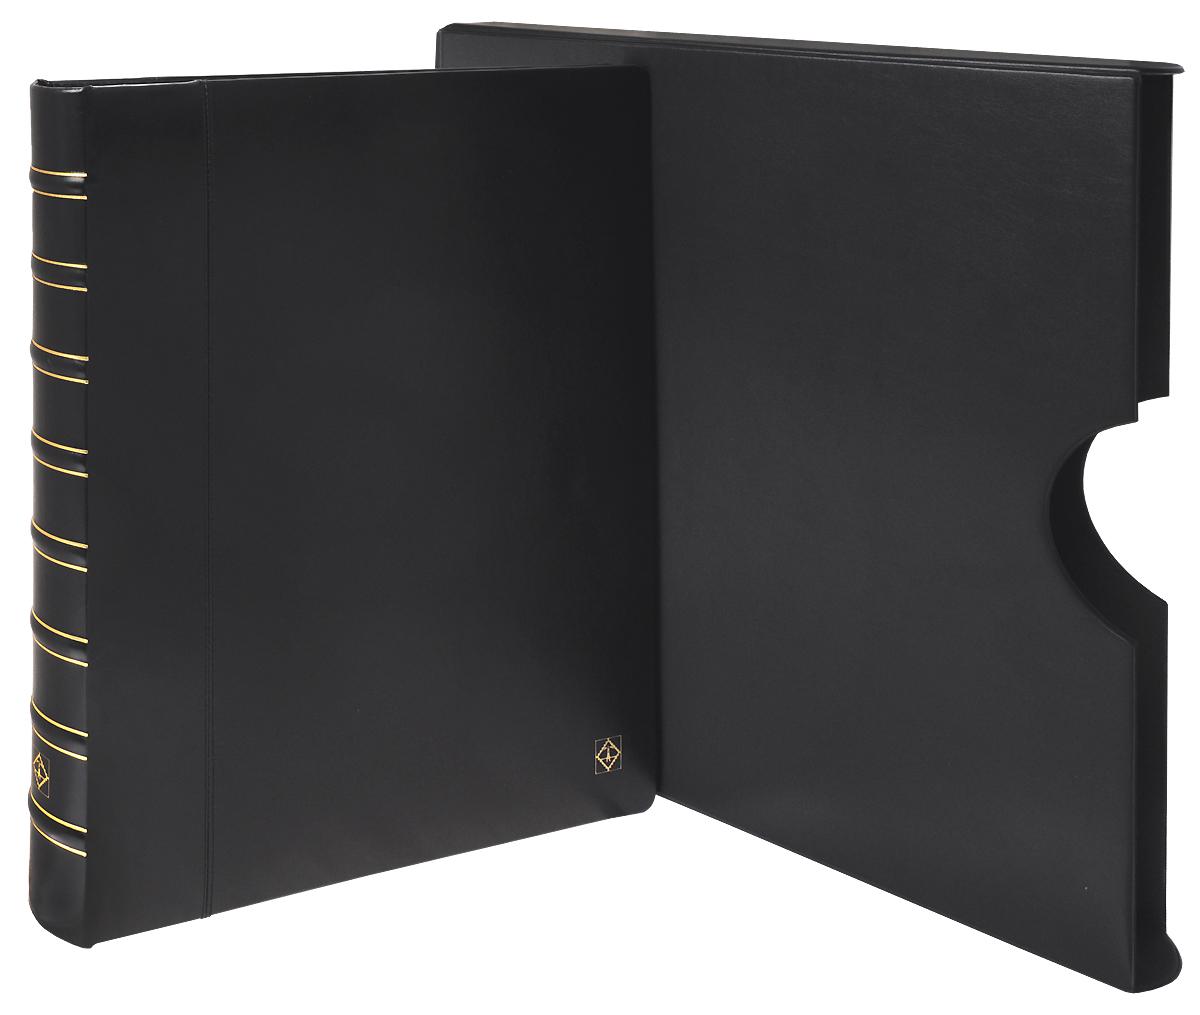 АльбомKanzlei для банкнот и ценных бумаг в футляре без листов. Цвет черный. Leuhtturm319263Размер альбома 390 x 460 мм. Материал: искусственная кожа. Надежная 4-кольцевая D механика. Вмещает до 40-50 листов системы KANZLEI (в зависимости от коллекционного материала). Цвет: чёрный. Подходит для длительного хранения бон, телефонных карточек, открыток в листах системы KANZLEI.